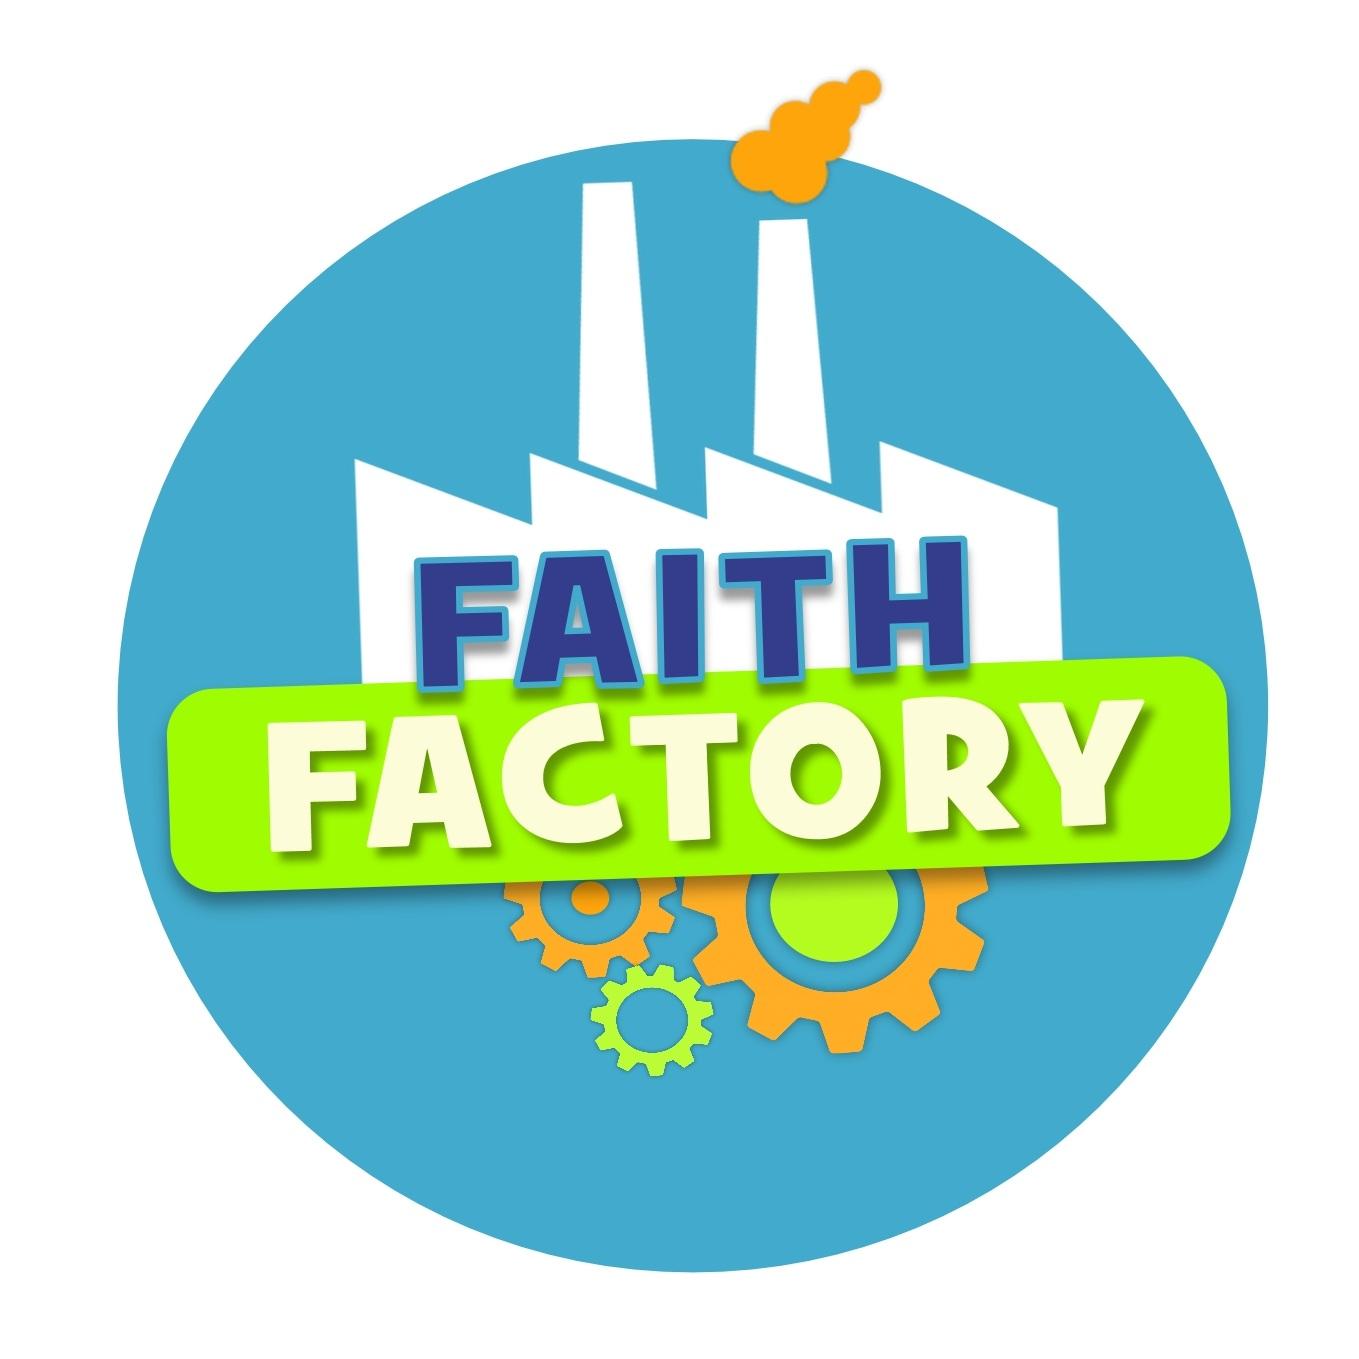 faithfactory2.jpg